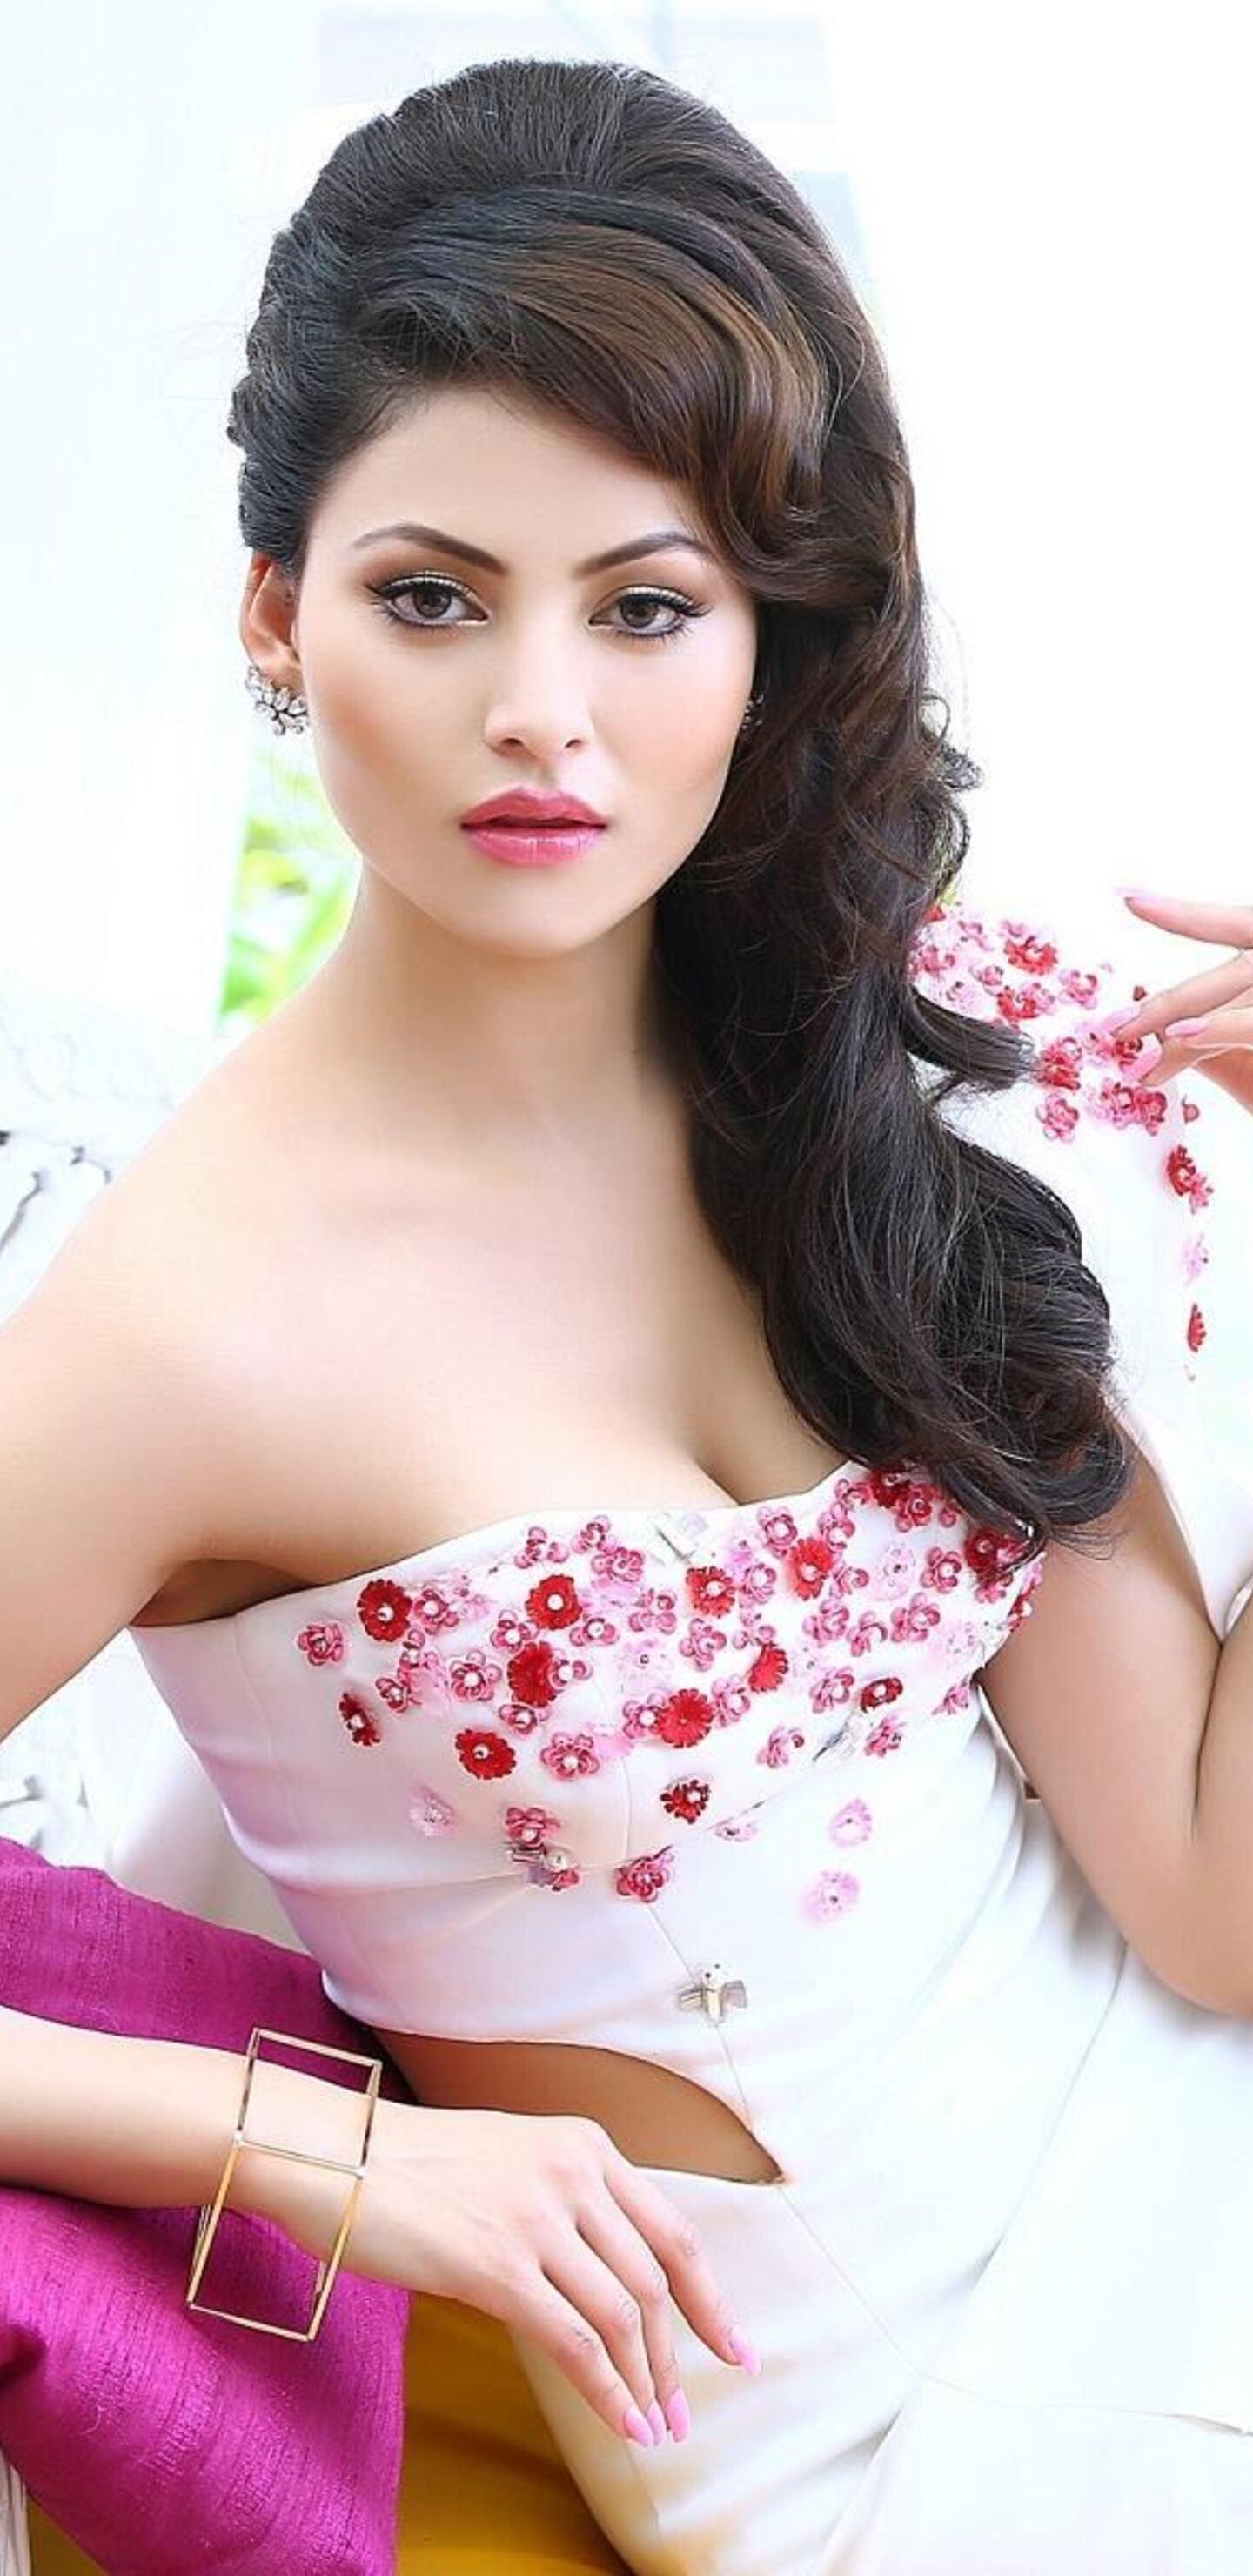 urvashi-rautela-celebrity-sd.jpg